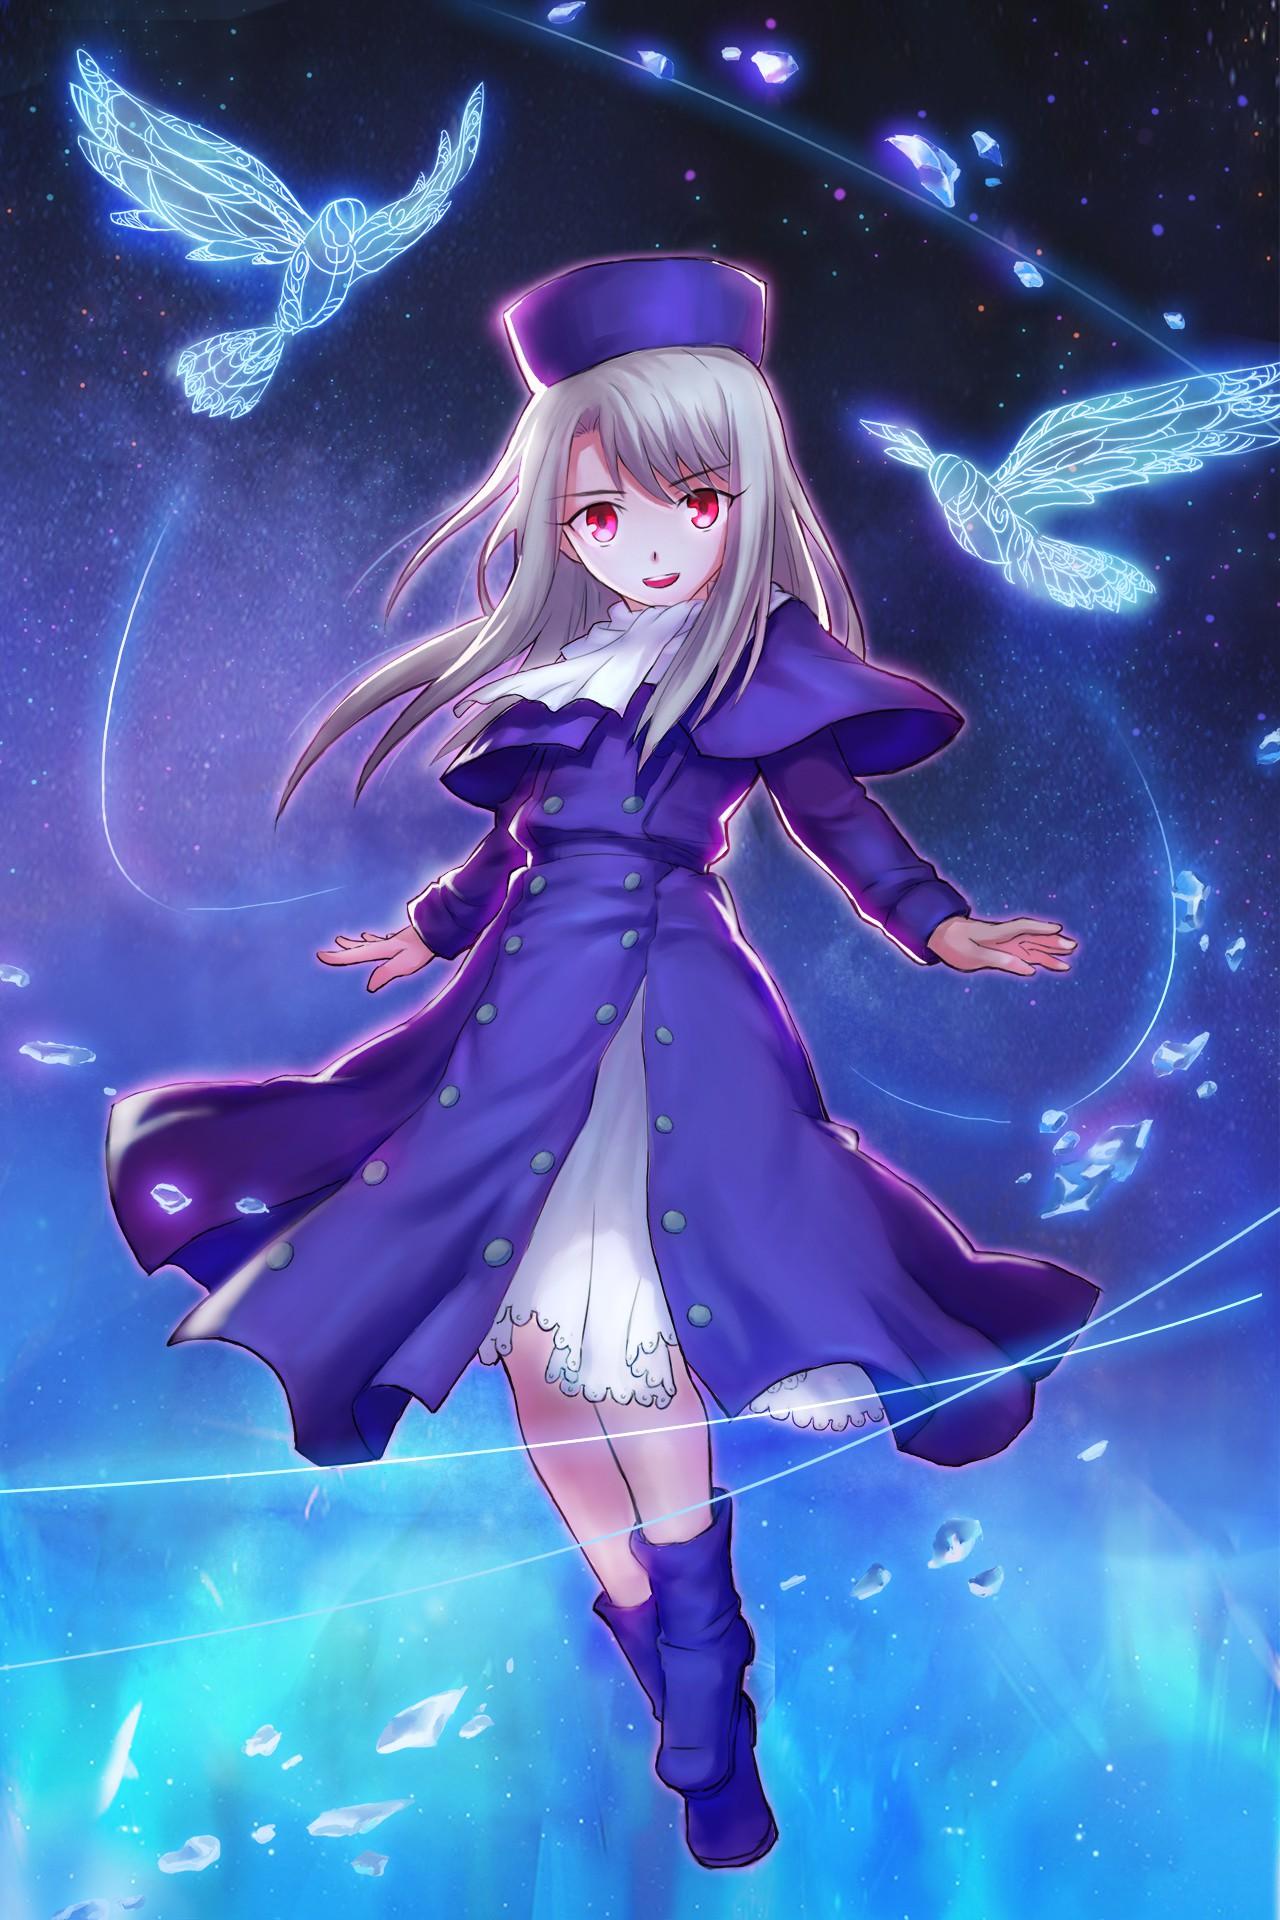 vẽ anime nữ lạnh lùng